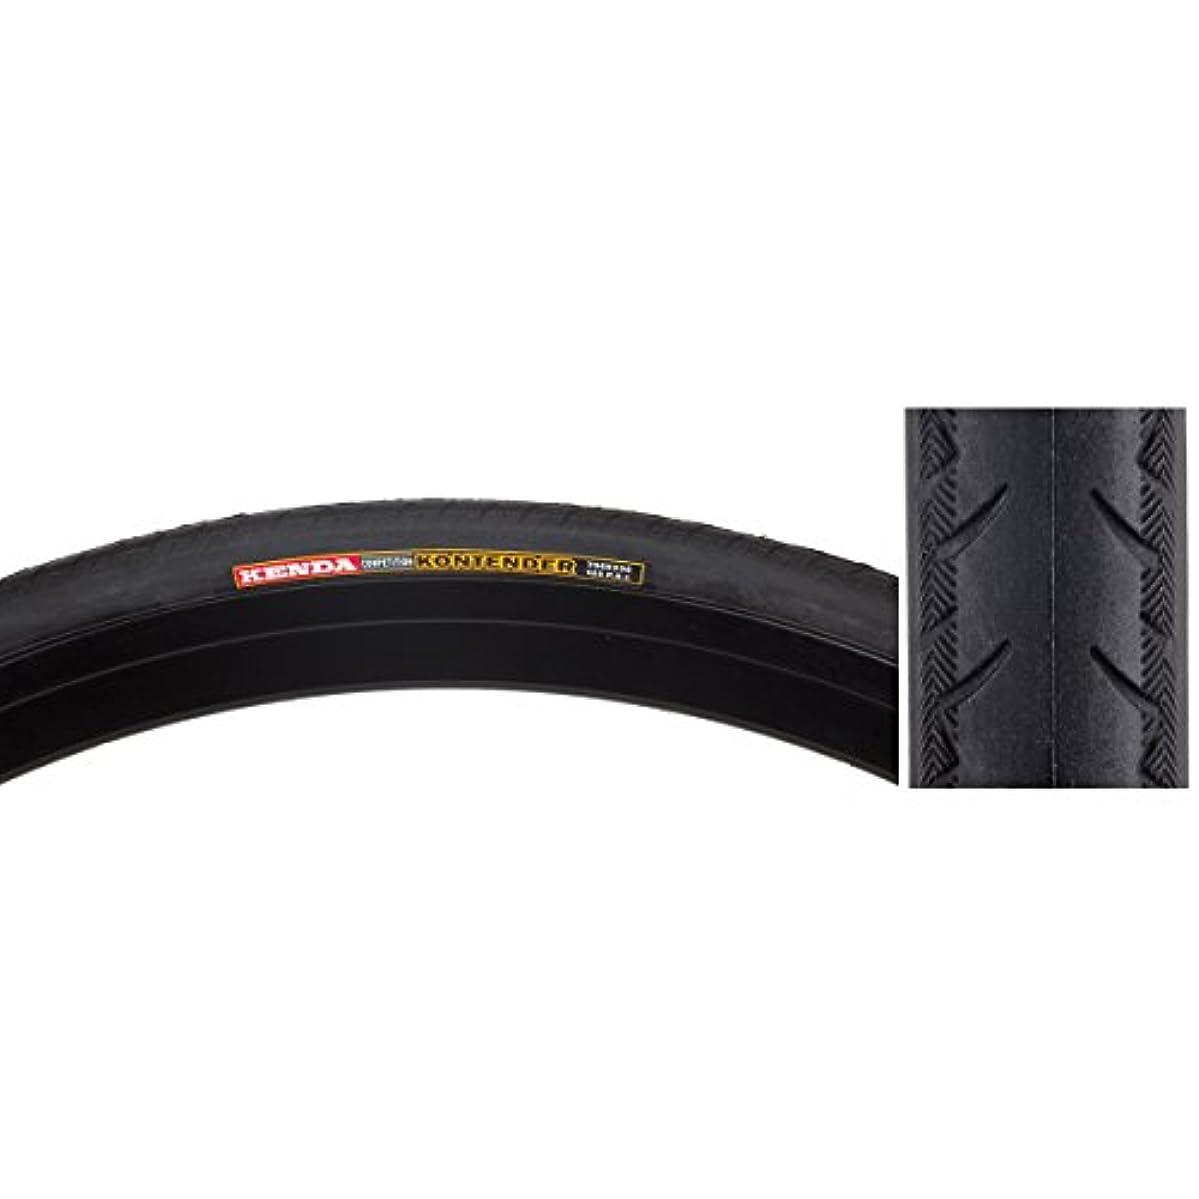 ためらうひらめき潜水艦Sunlite Road Kontender Tire, 700 x 23, Black/Black Skin by SunLite